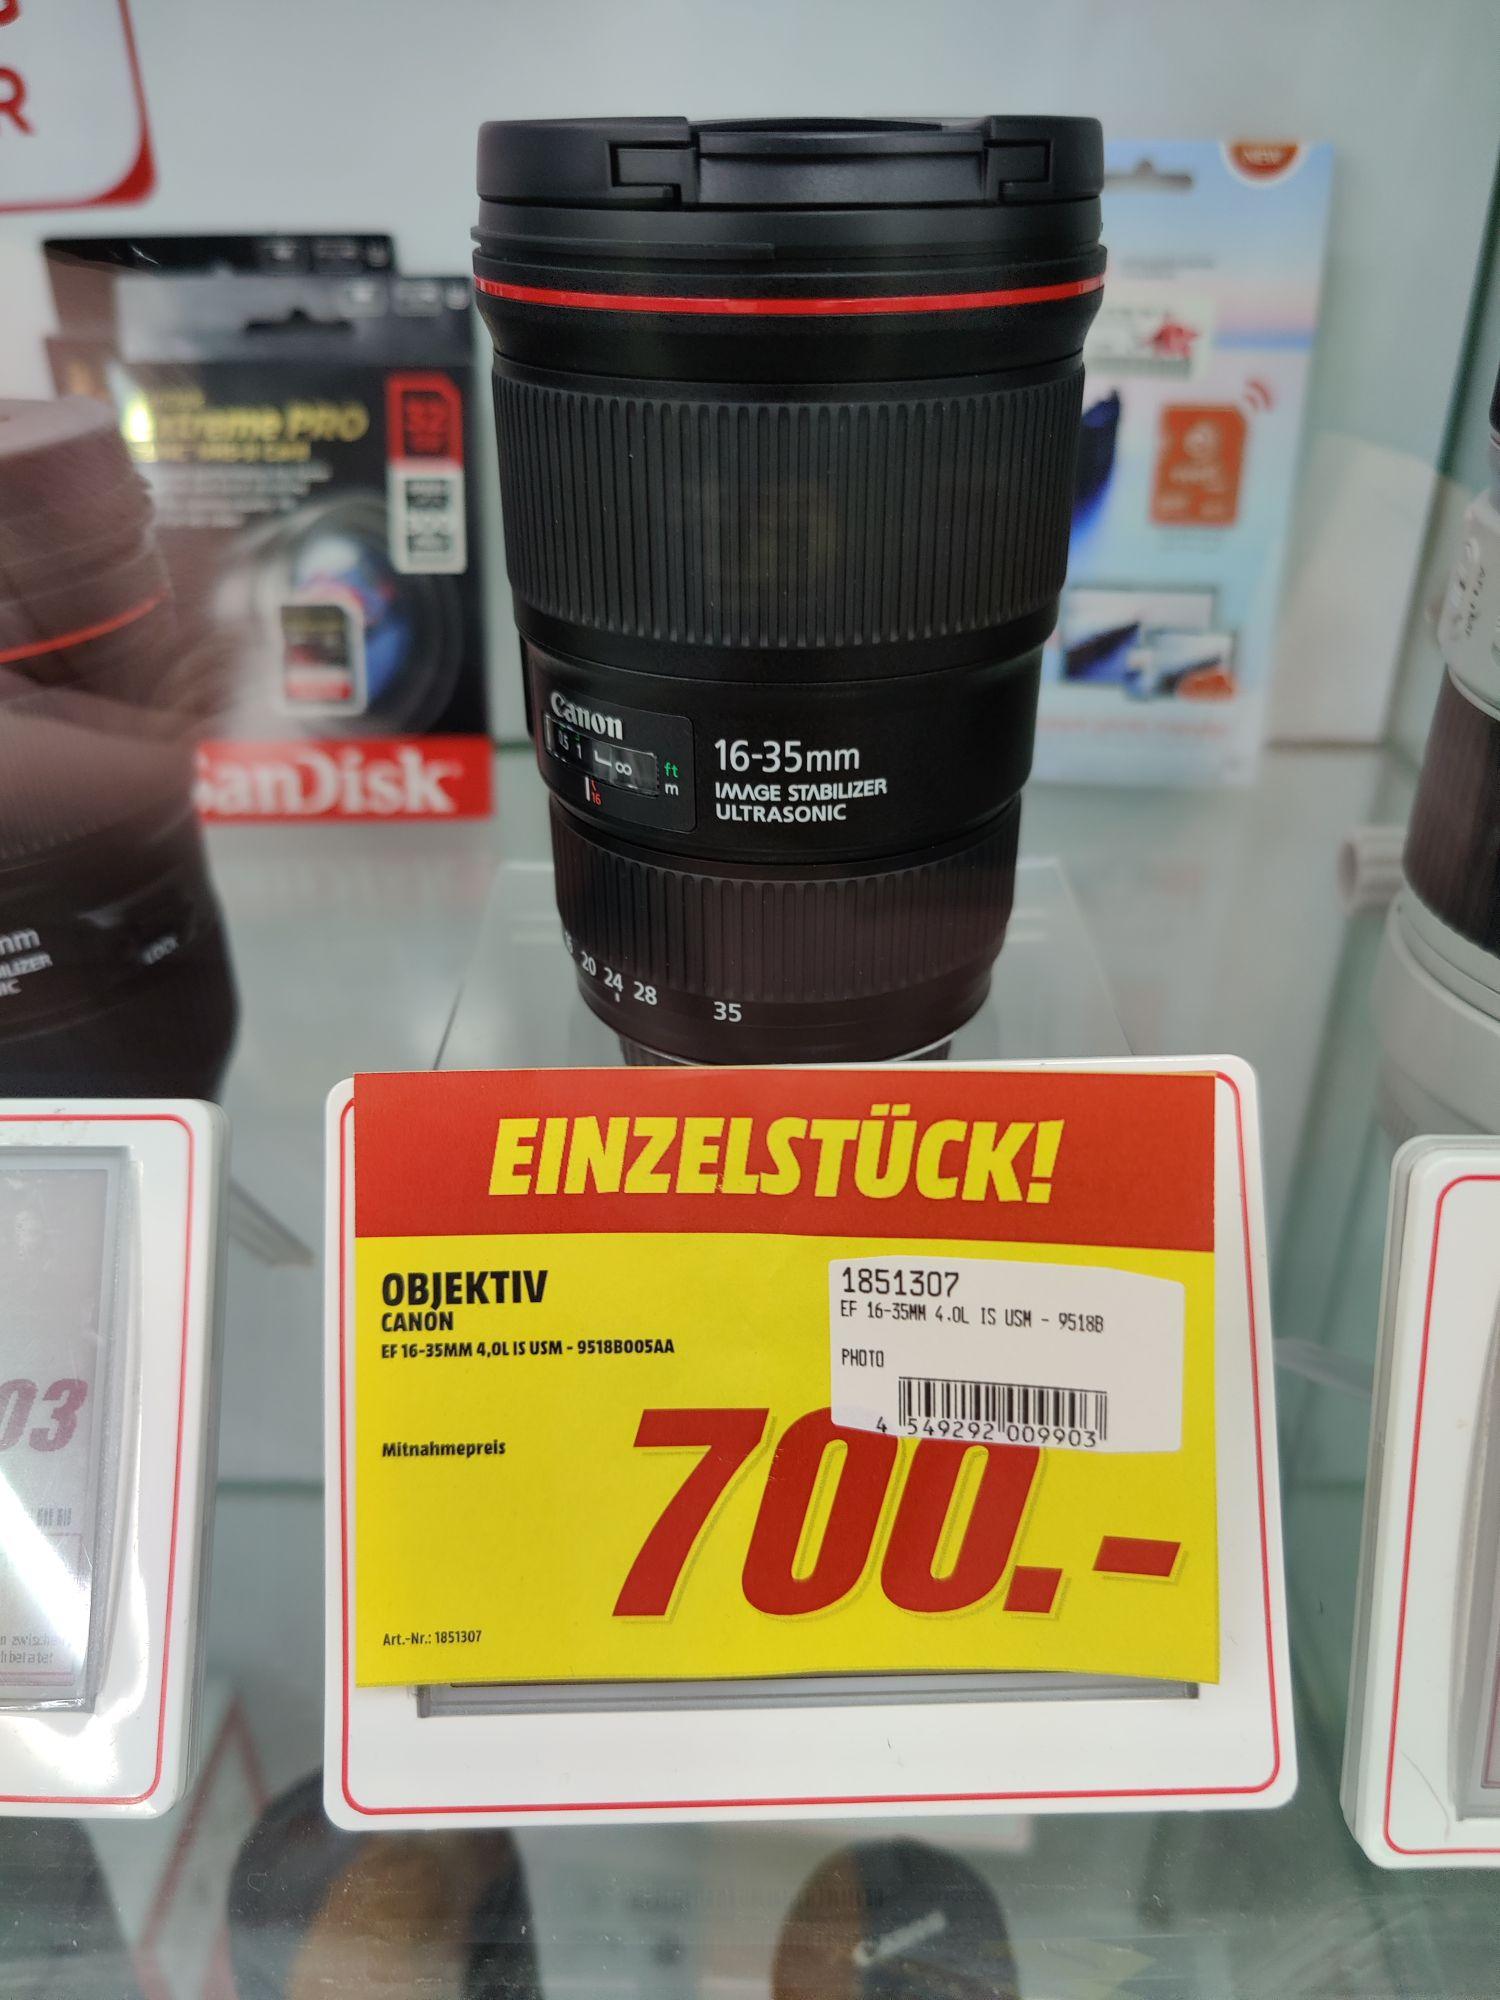 (Lokal) Media Markt Heilbronn - Canon EF 16-35 F4